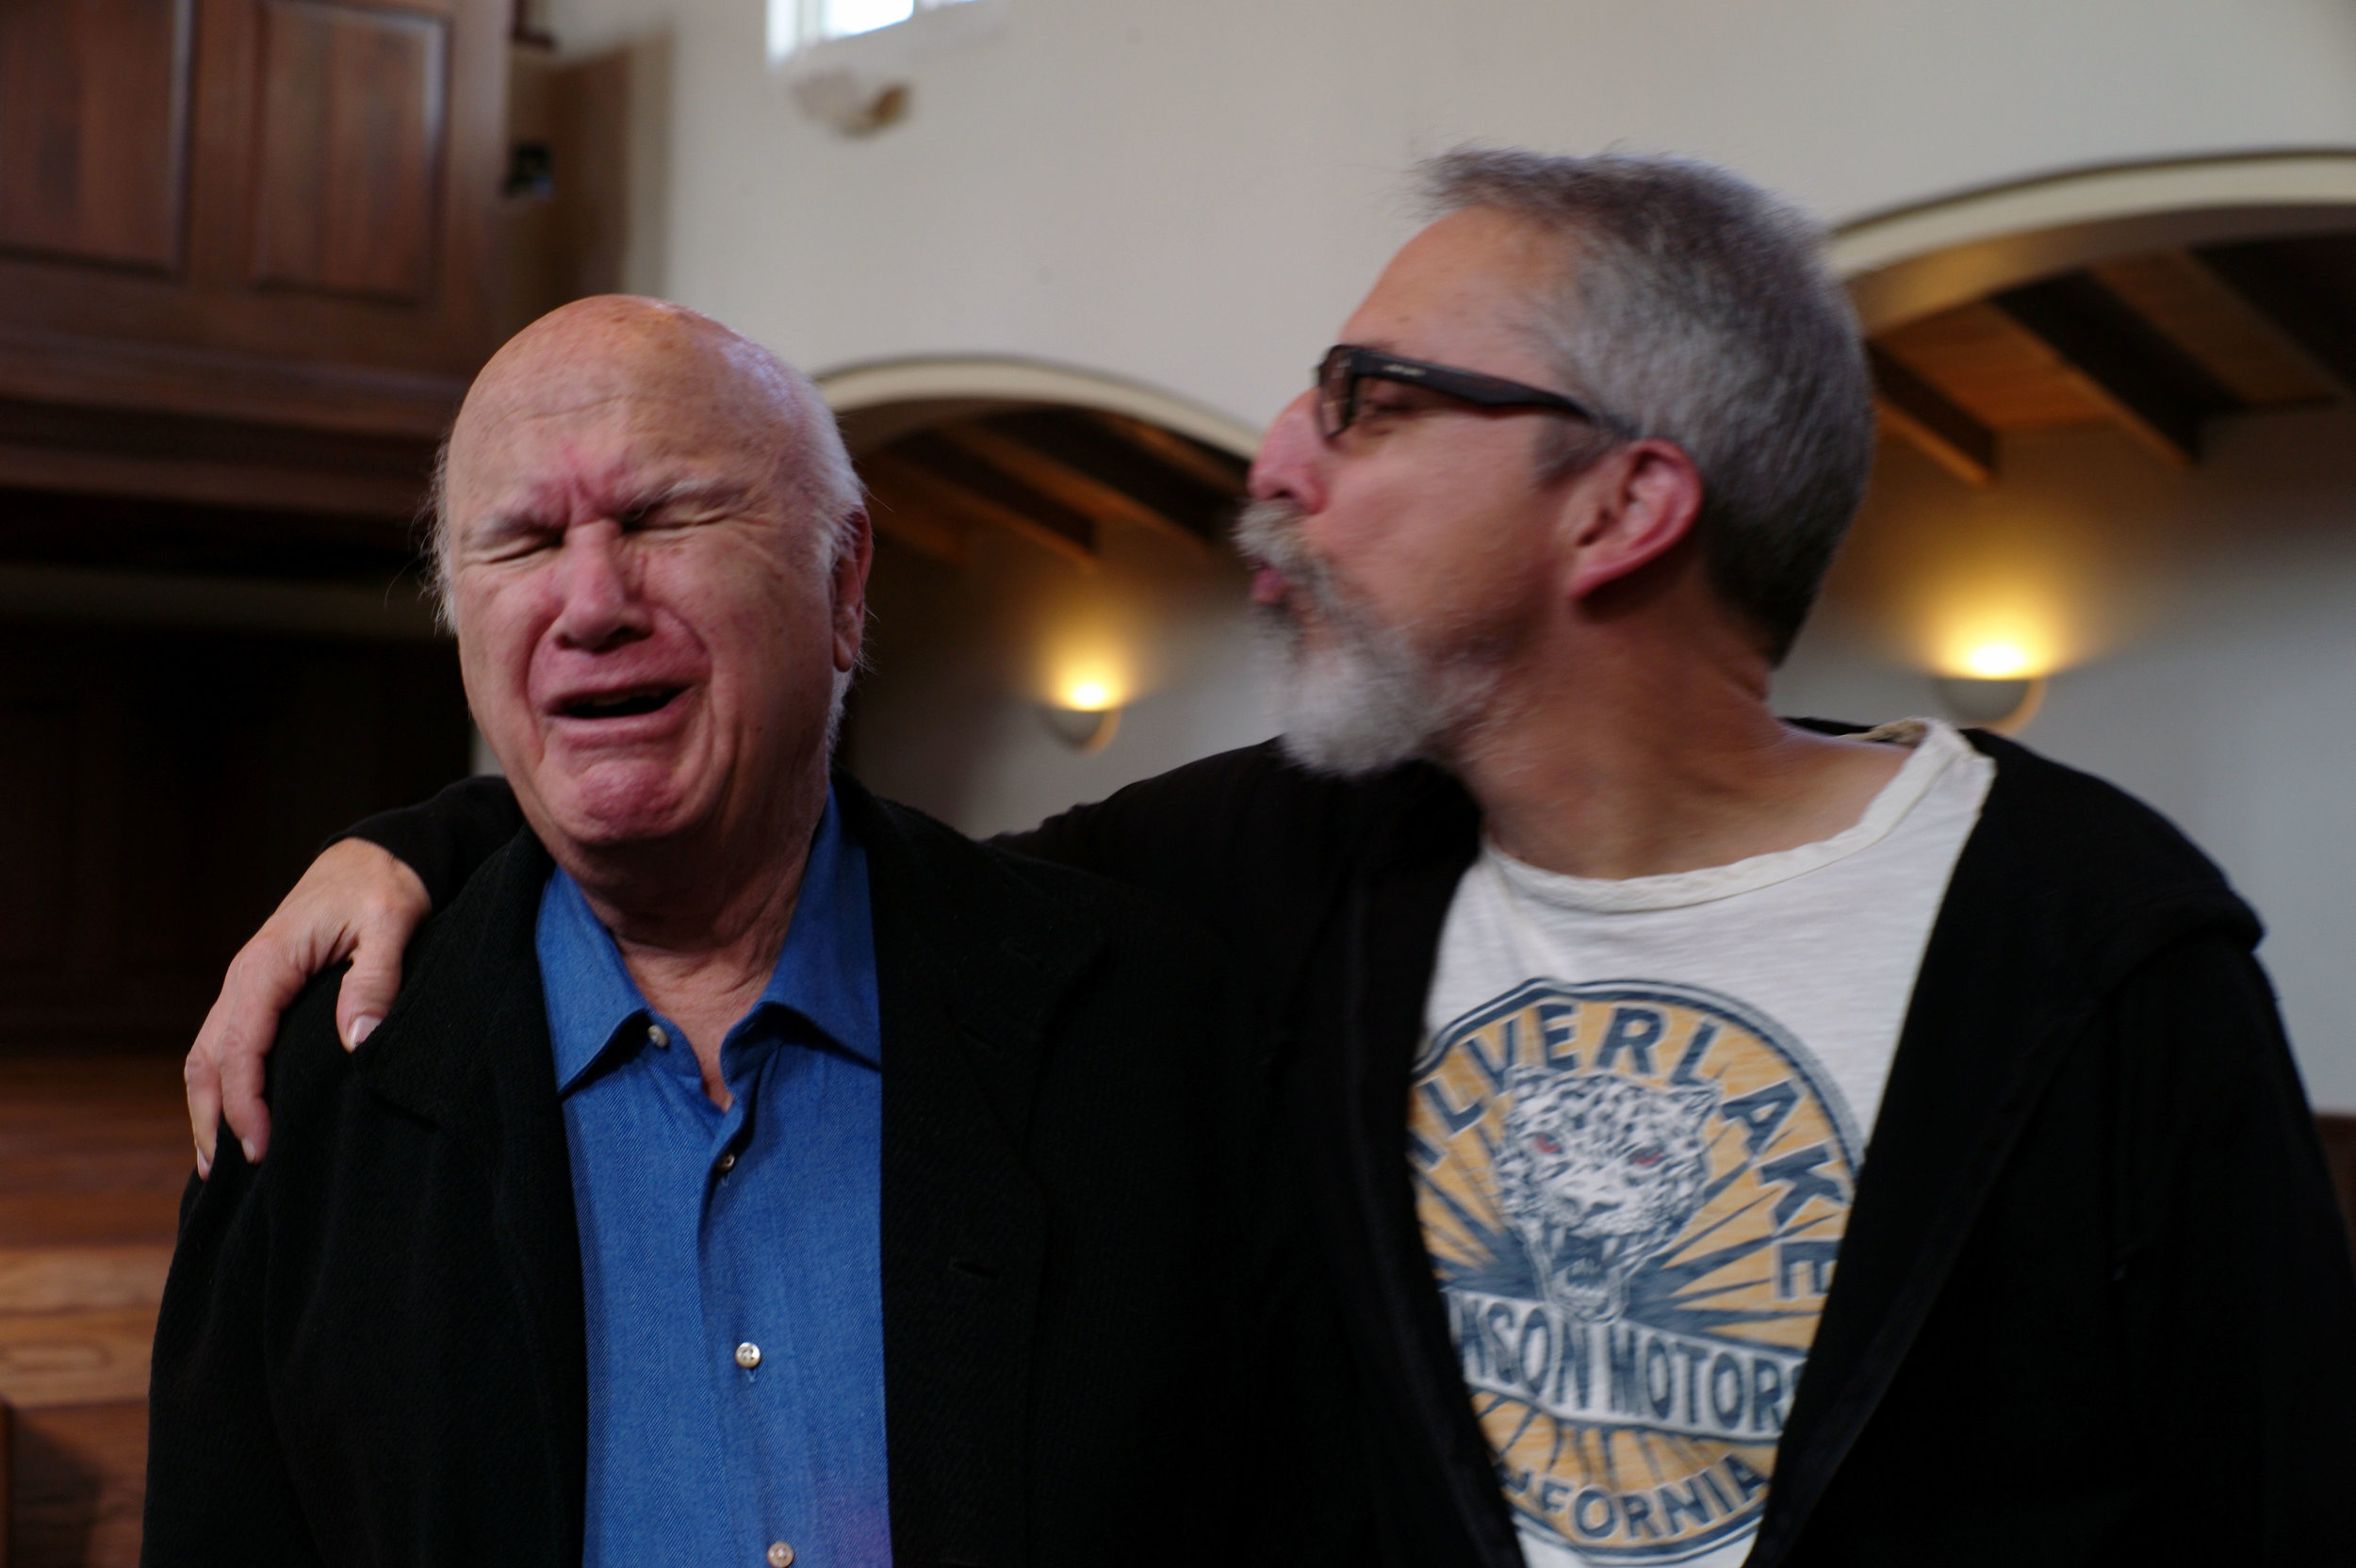 Paul L and Paul F